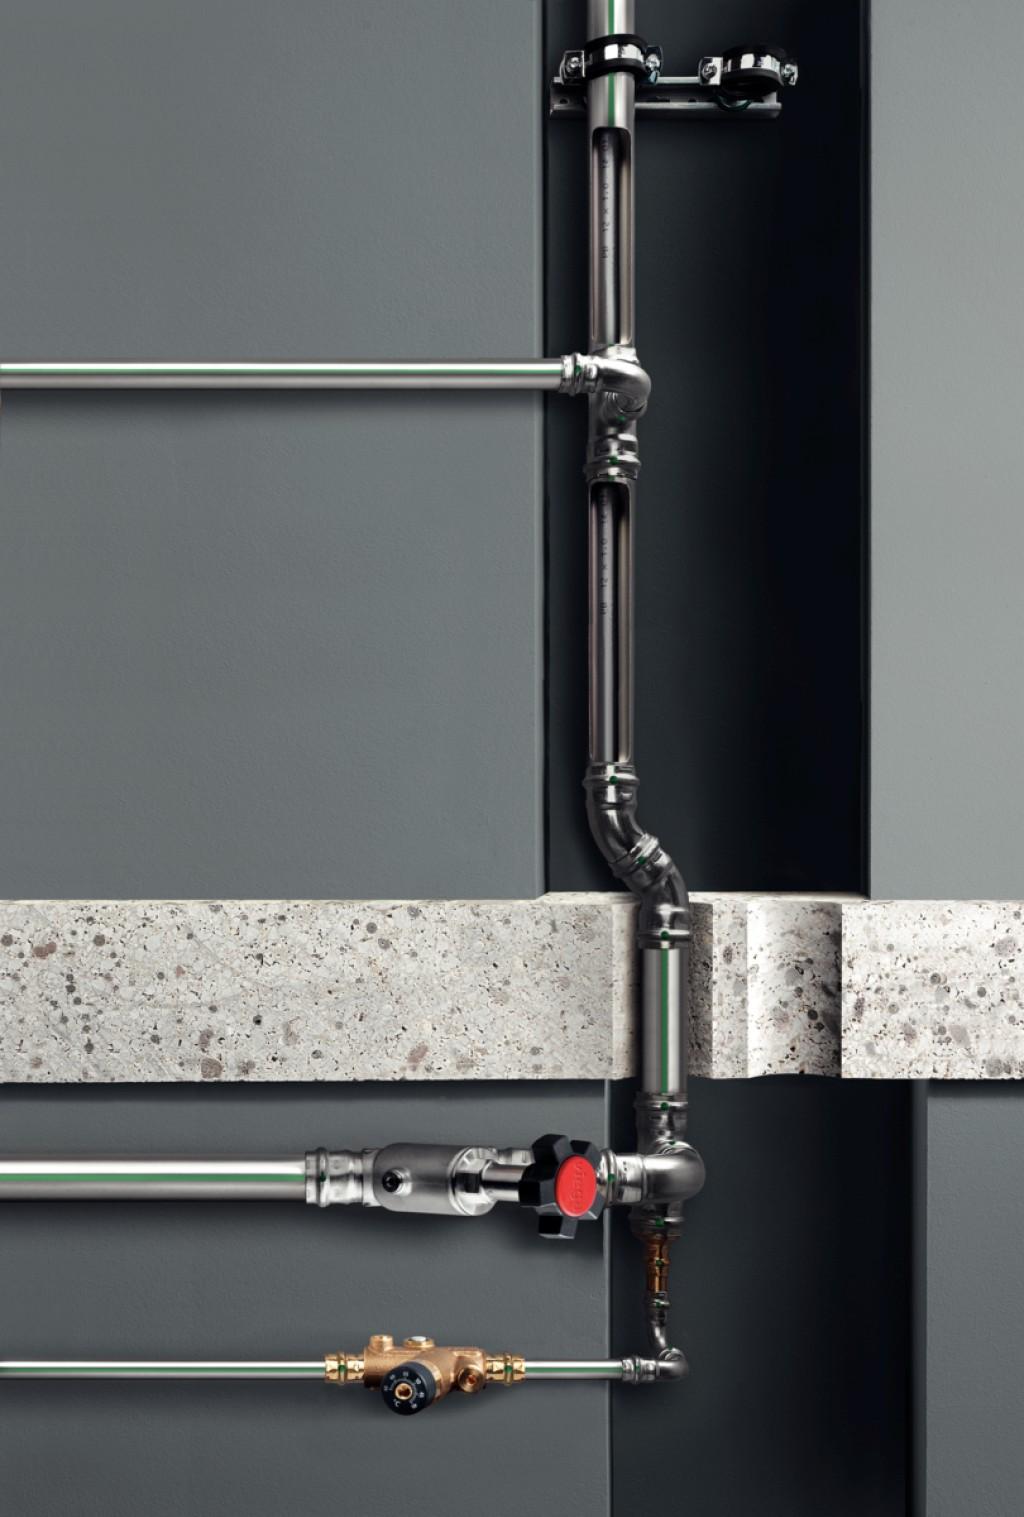 Durch das flexible PB-Rohr stellen für Inliner-Installationen sogar Versprünge im Steigestrang kein Problem dar. Bild: Viega